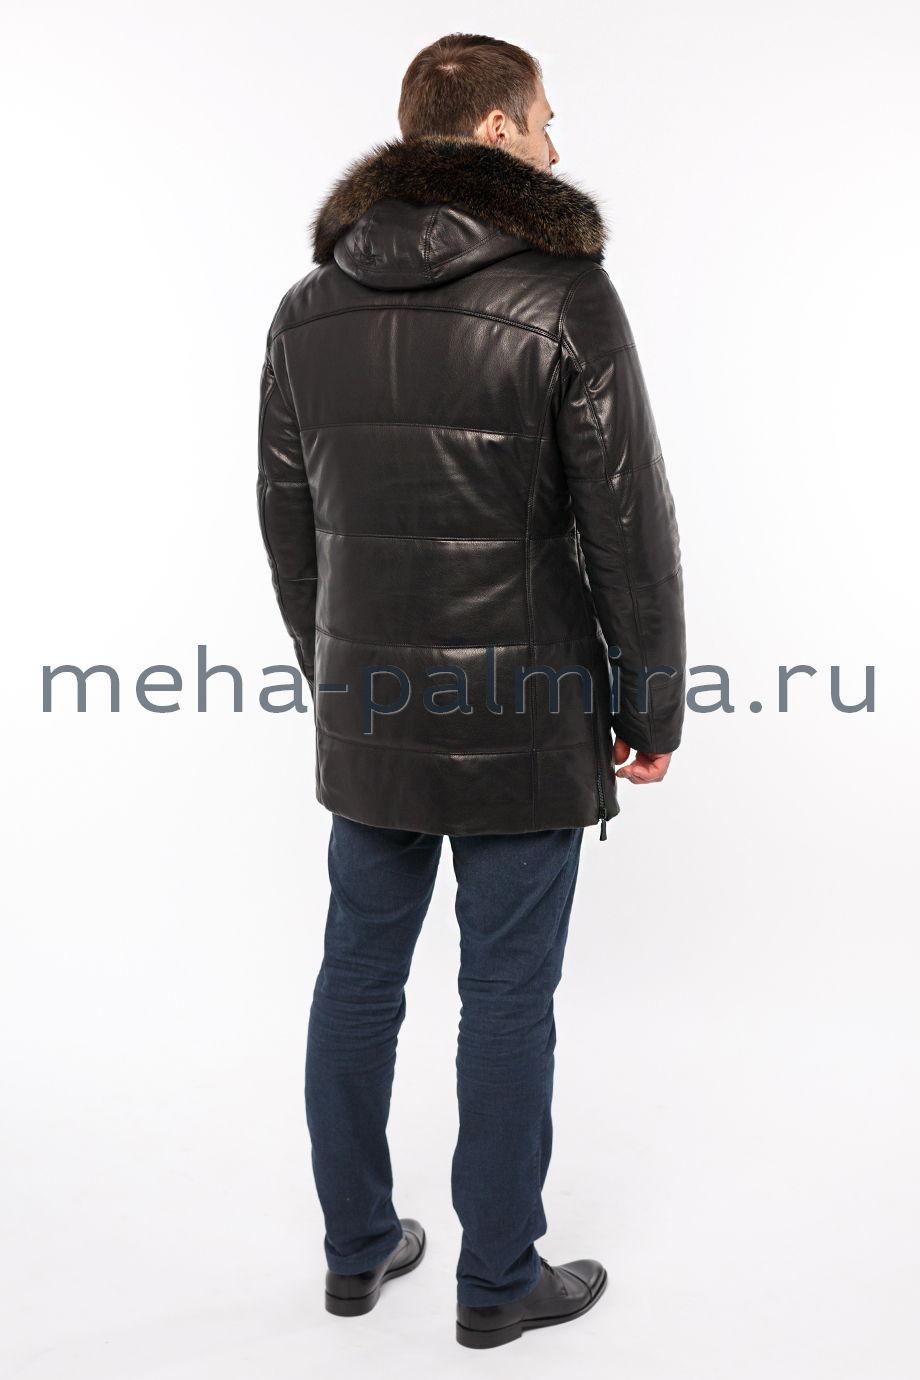 Удлиненный кожаный пуховик с капюшоном